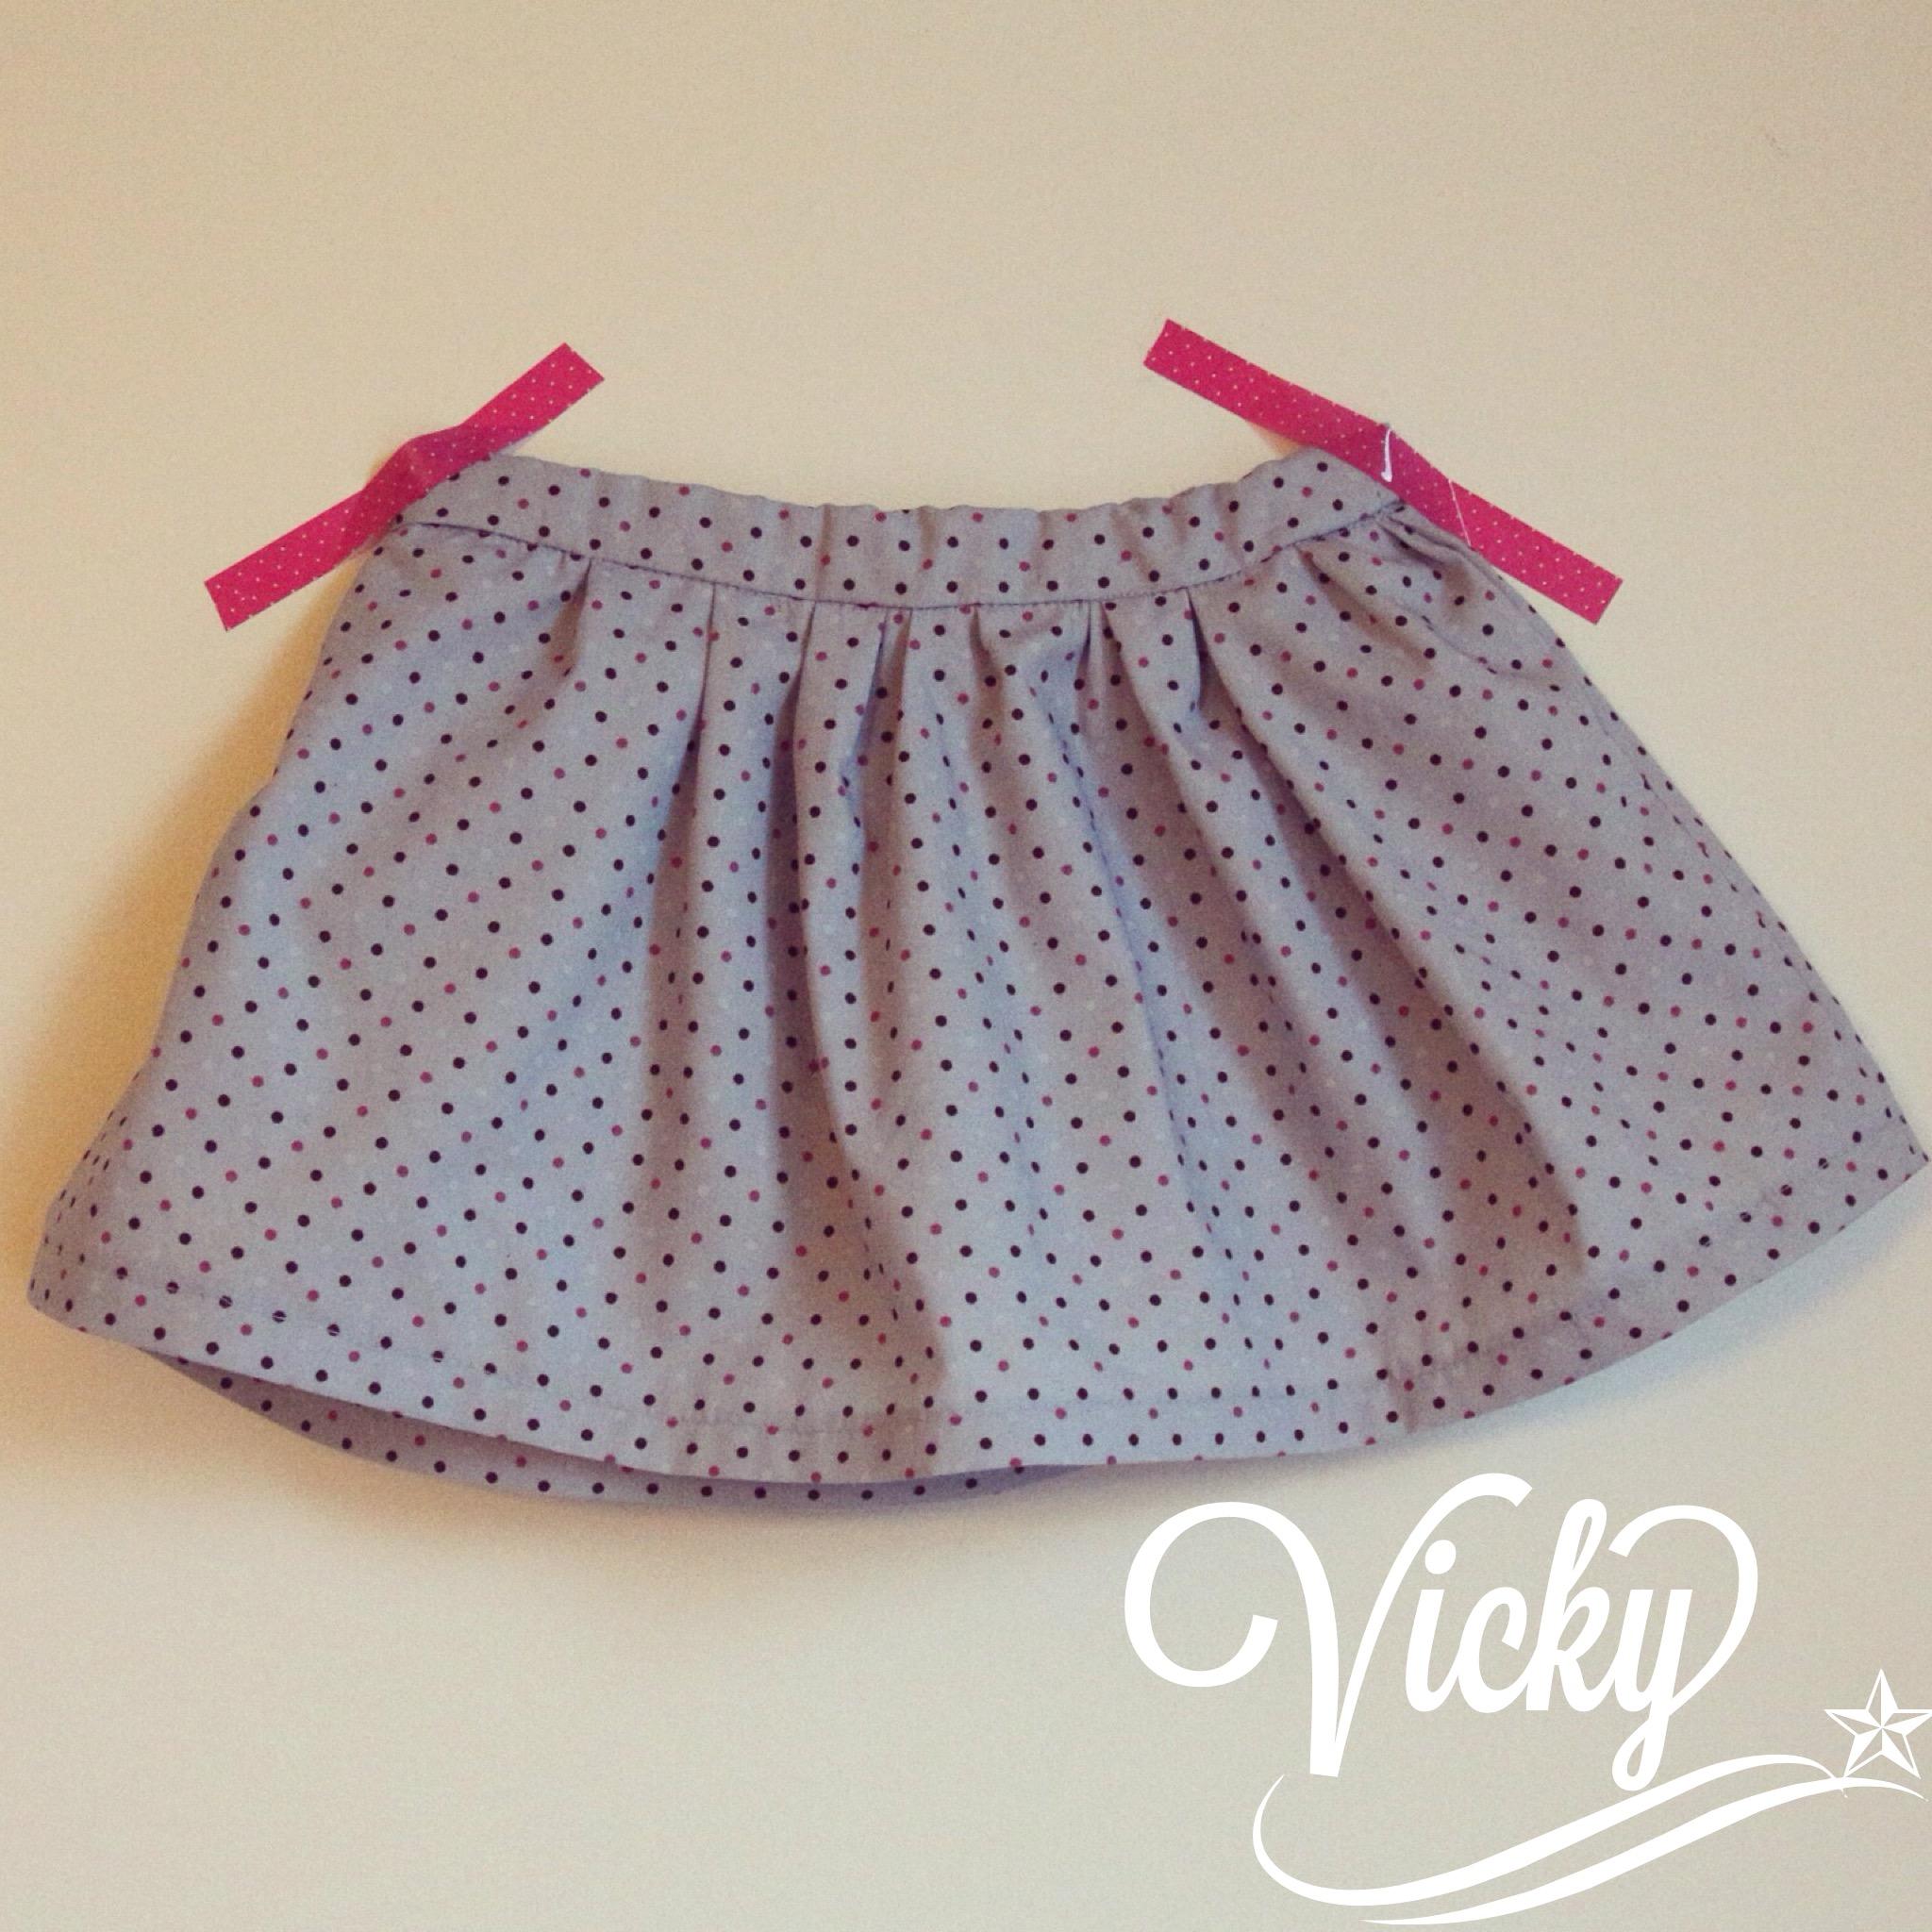 Vicky (cadeau handmade #1)